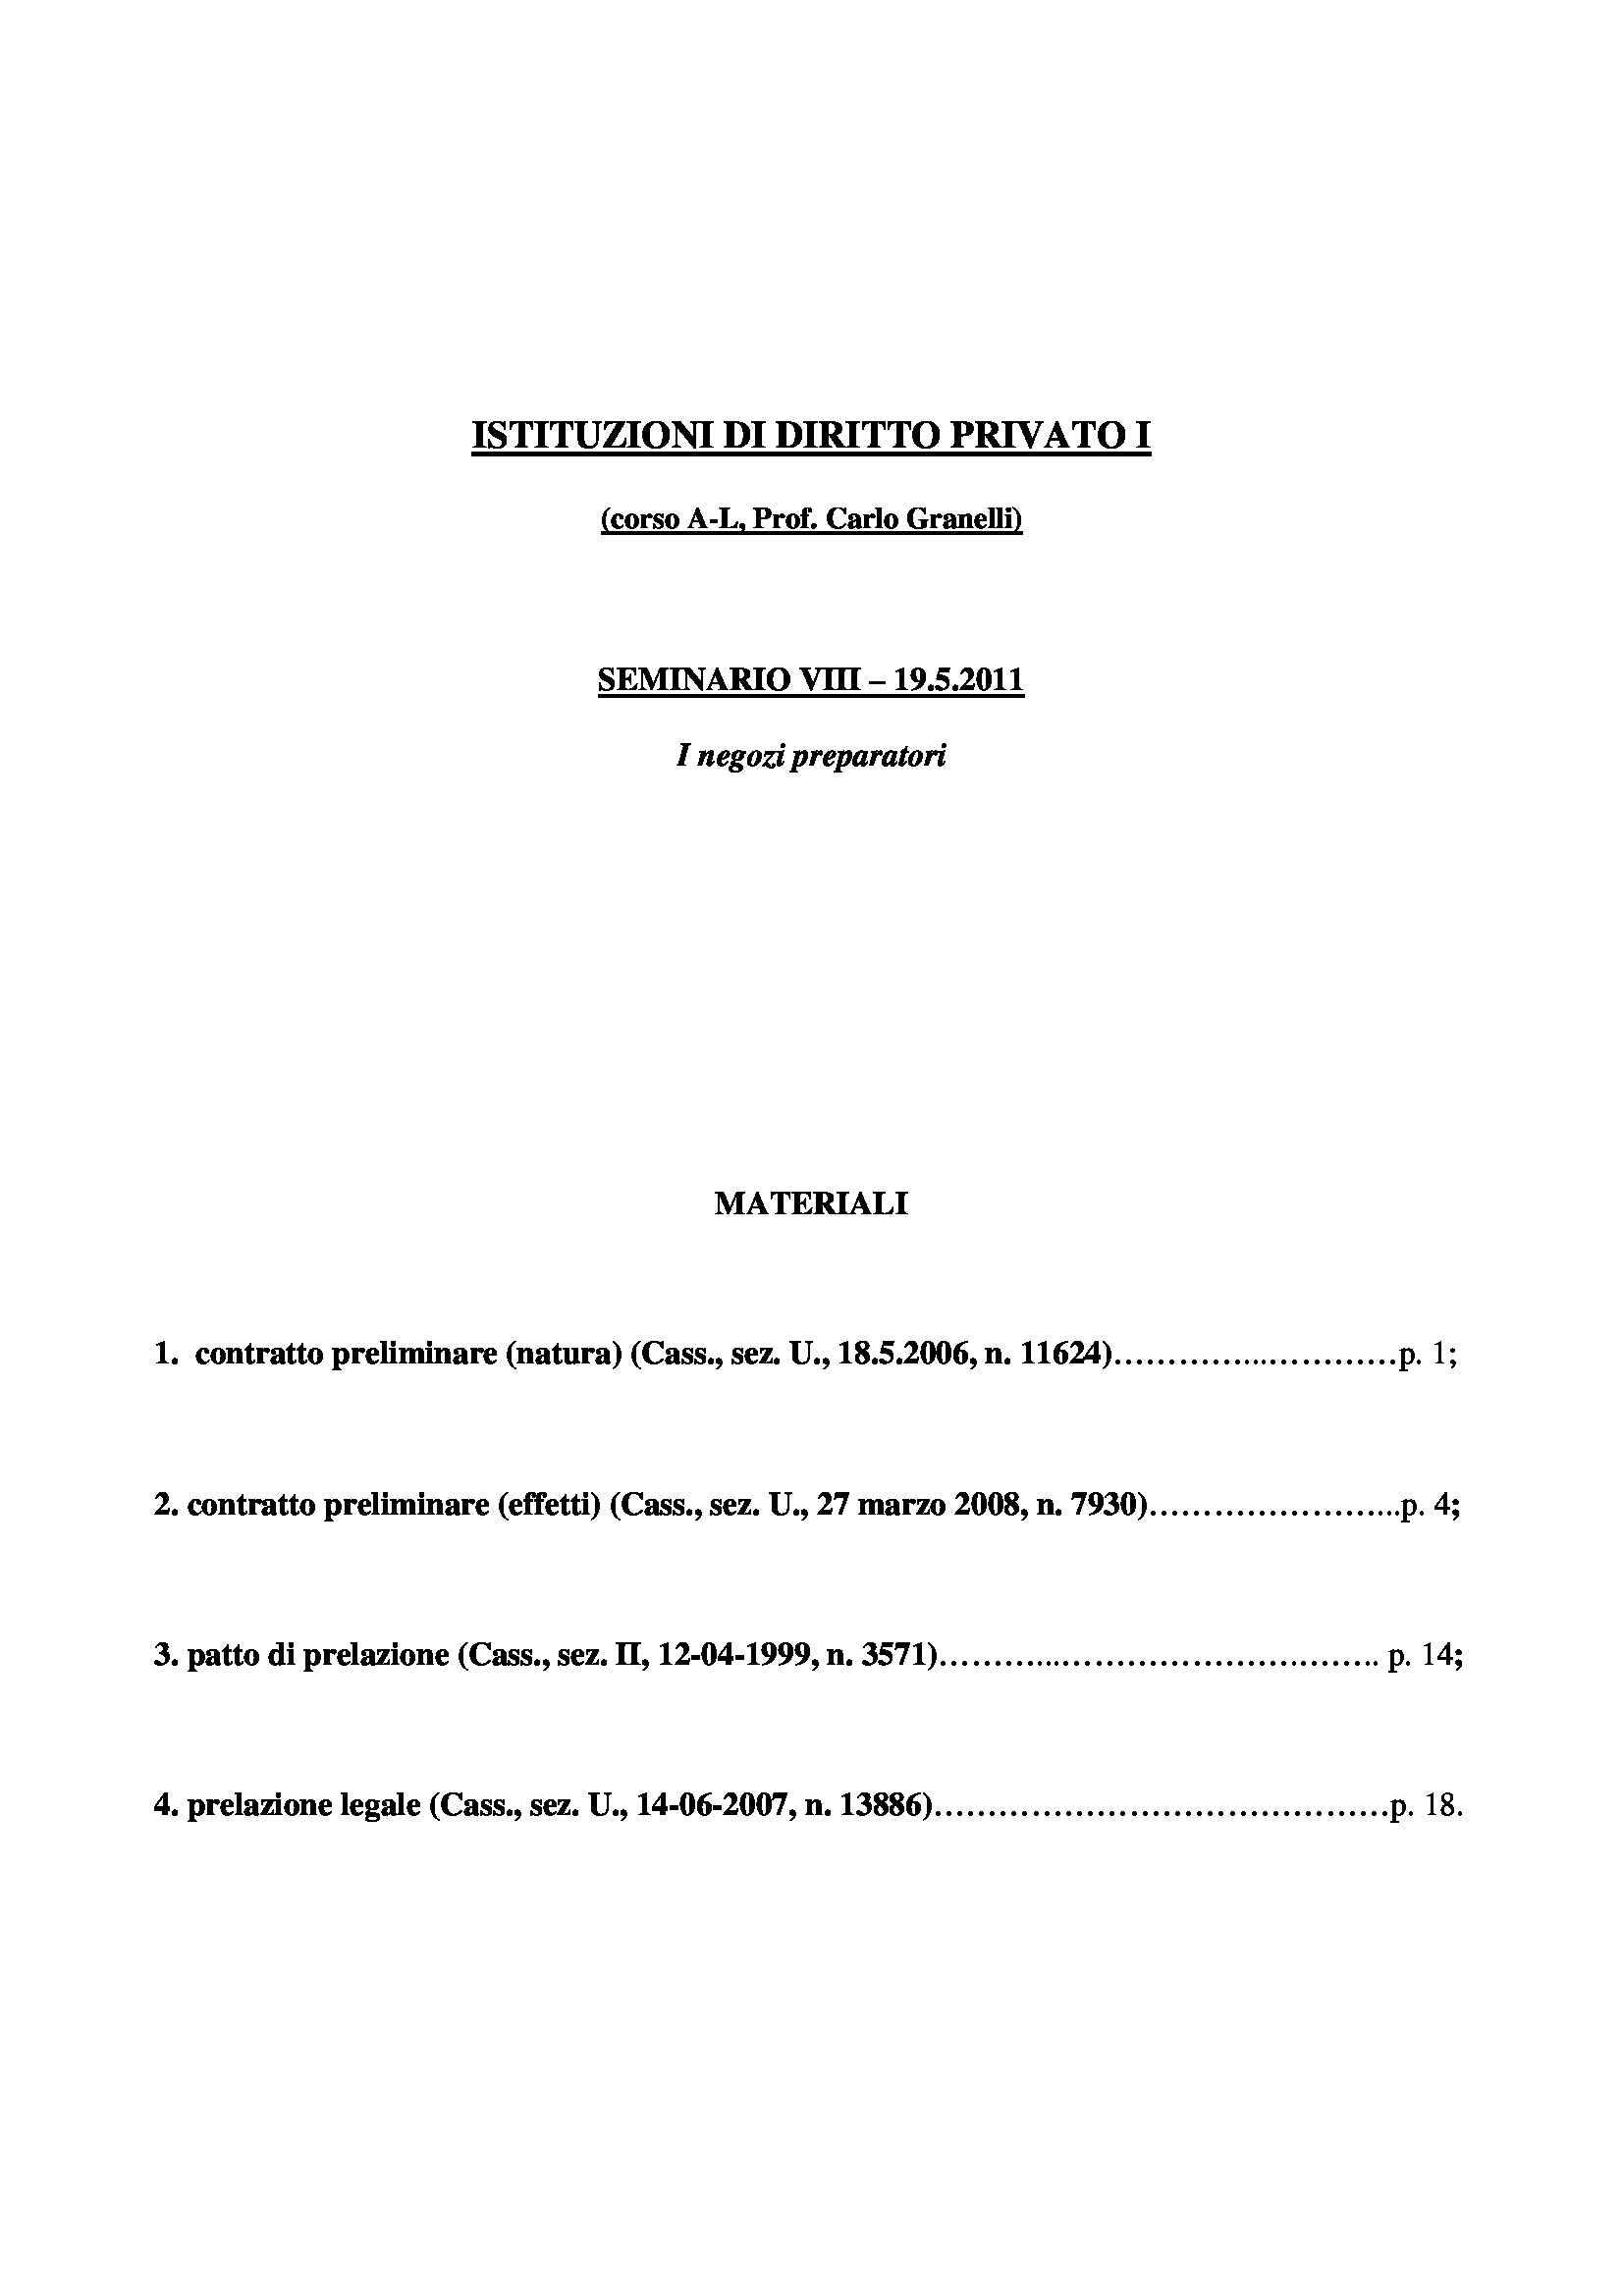 Istituzioni di diritto privato I - i negozi preparatori